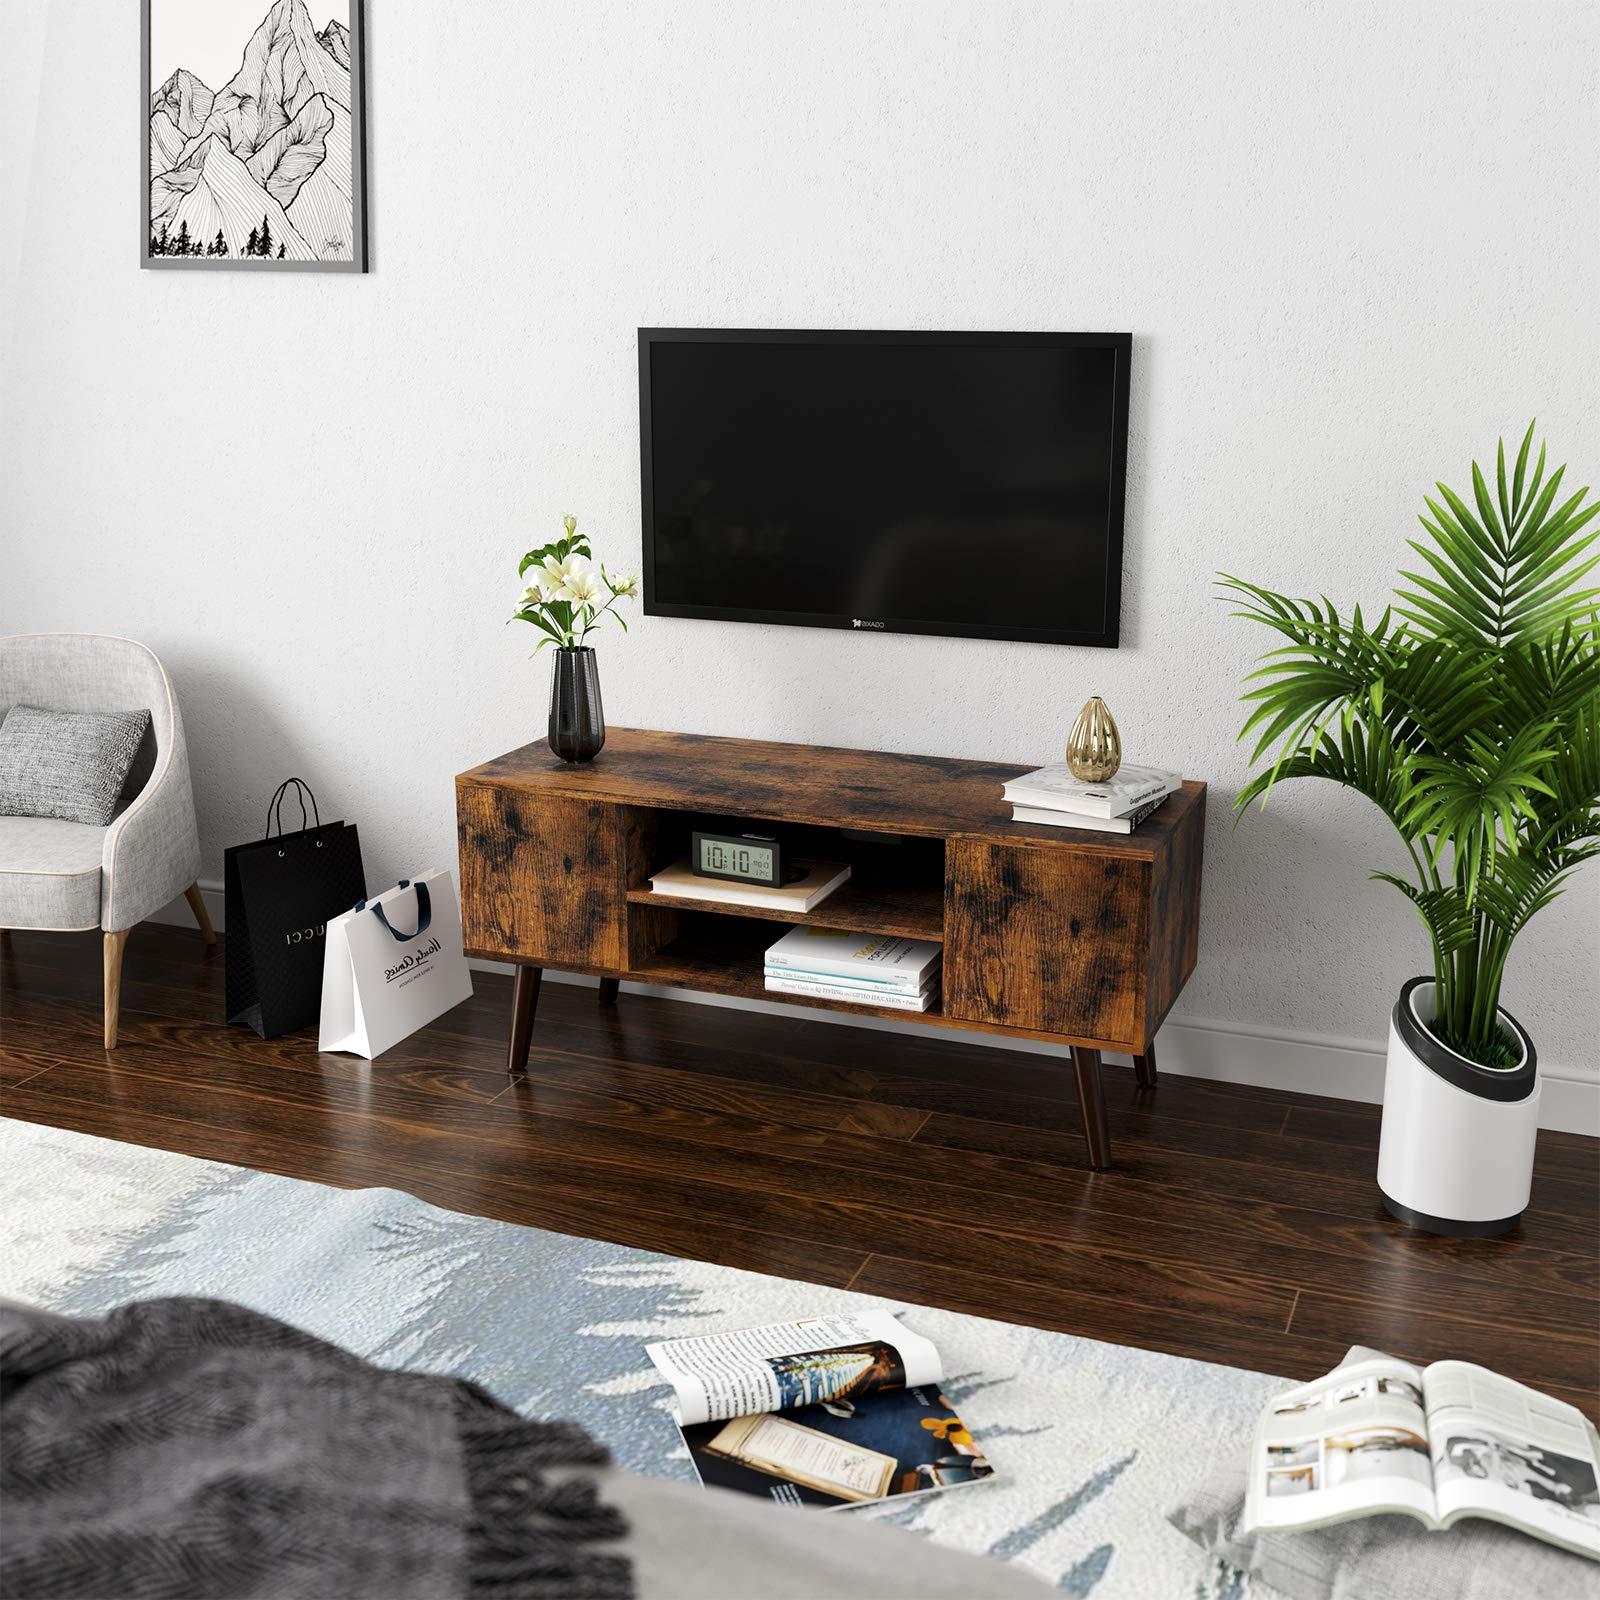 VASAGLE Armario Rústico para TV, Mesa para TV, Aparador bajo, Estilo Moderno, para Salón, Sala de Juegos, Escritorio, Marrón Rústico LTV08BX: Amazon.es: Hogar